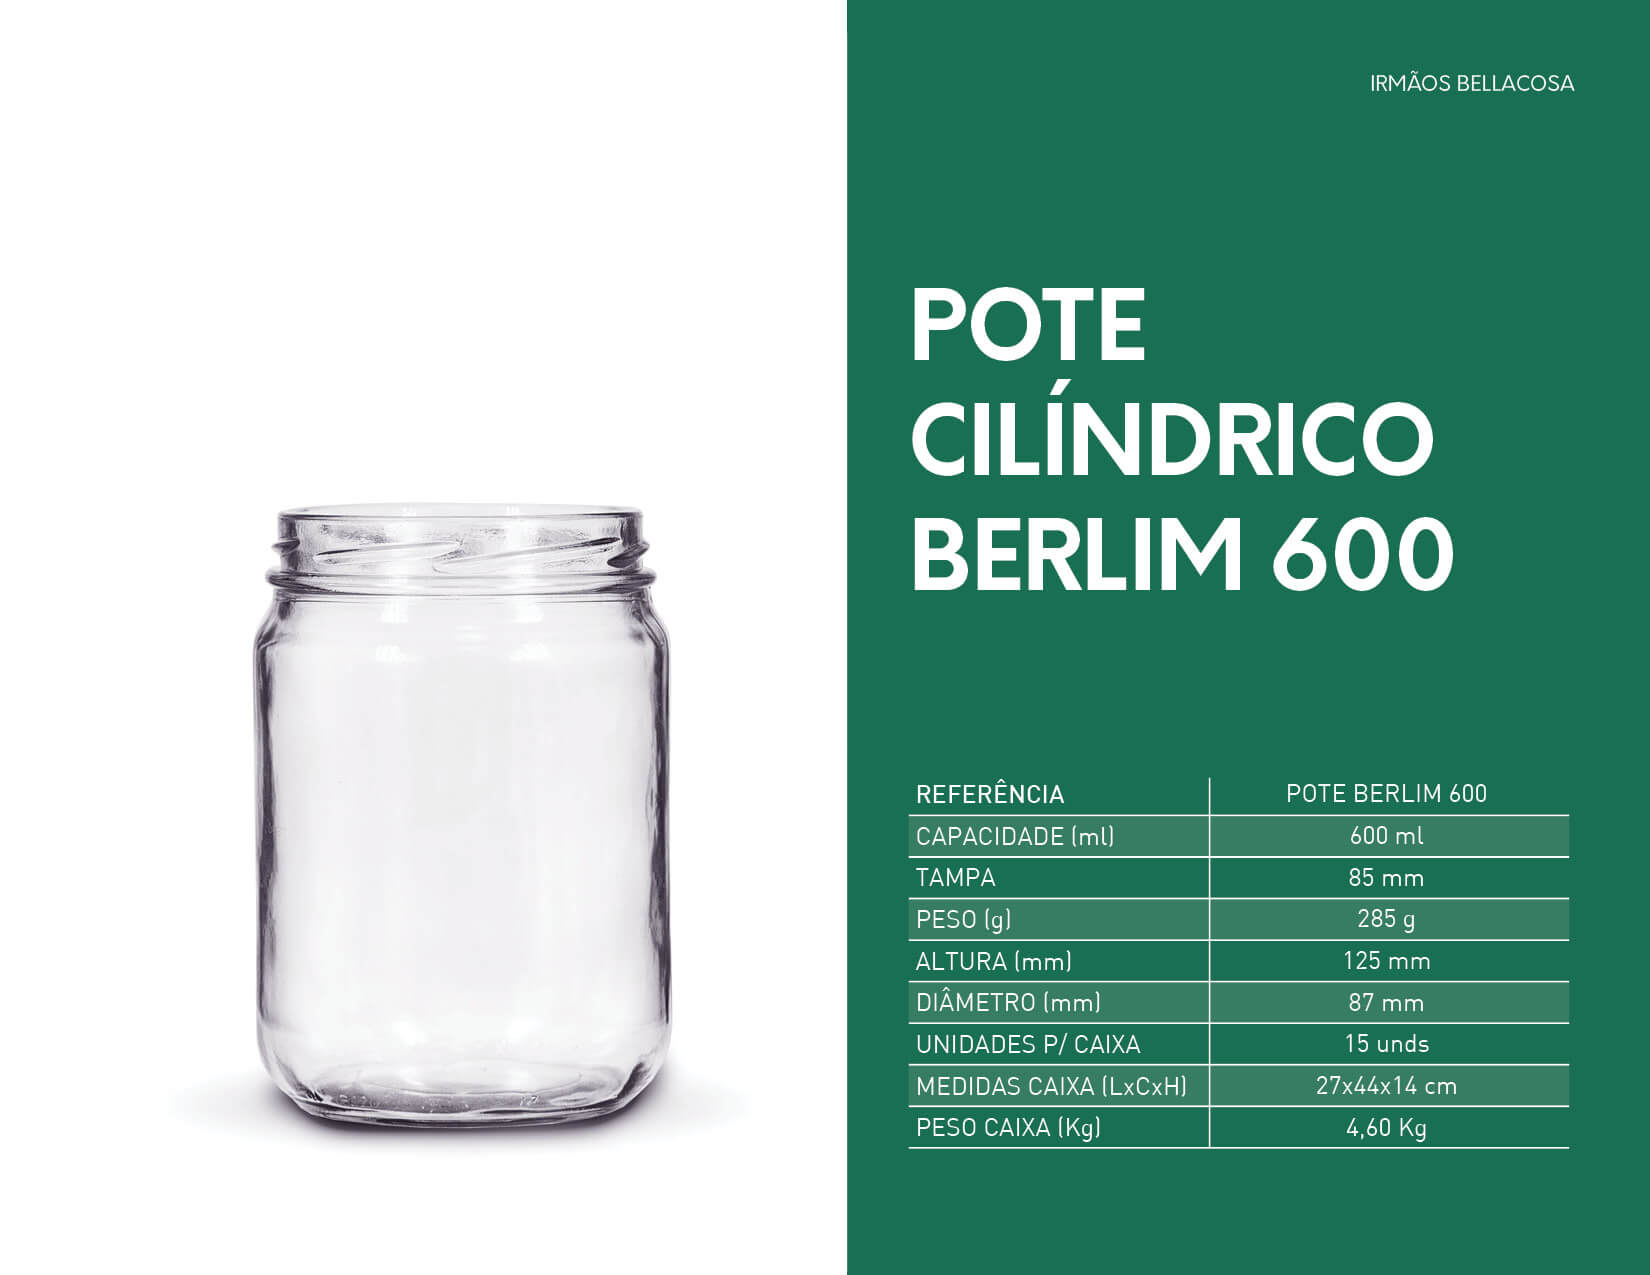 010-Pote-Cilindrico-Berlim-600-irmaos-bellacosa-embalagens-de-vidro